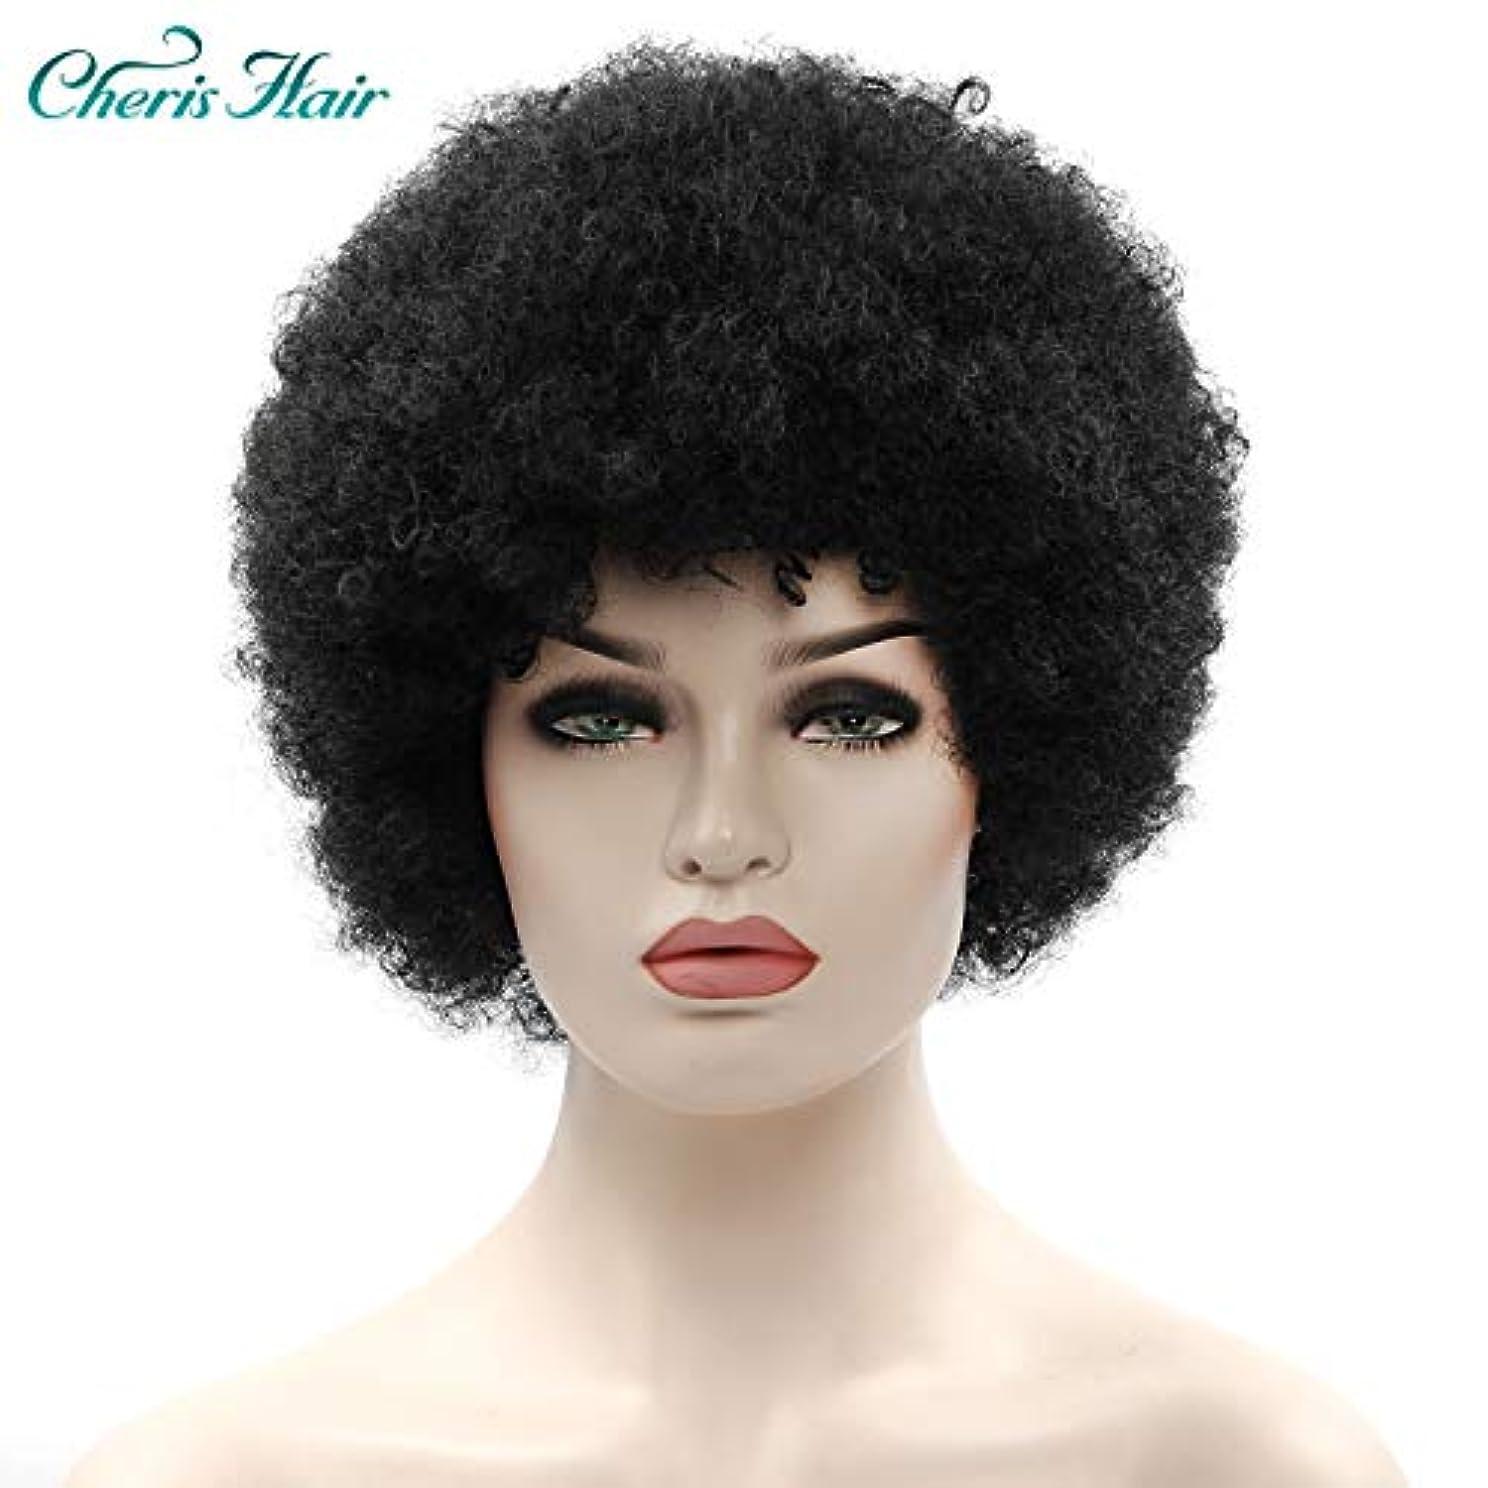 シネマ抗議パット女性の好きなウィッグ 前髪とパーティーダンスかつらのための合成かつらアフロ女性ソートBPPMヘアスタイルソフトファイバーキンキー12インチバルク髪ブラック (Color : #1, Stretched Length : 12inches)